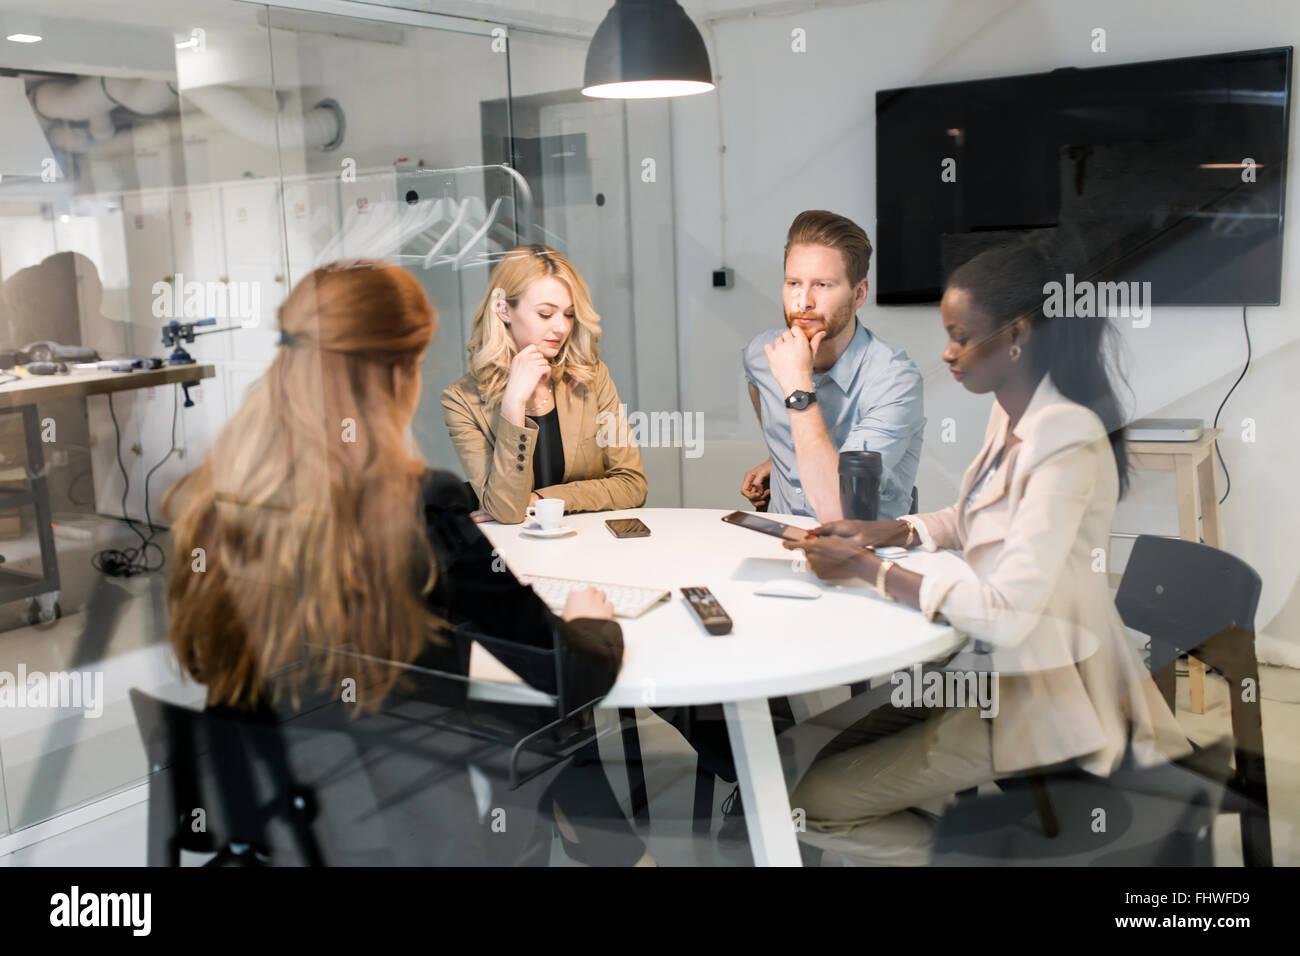 Geschäft Leute Vorstandssitzung in modernen Büro beim Sitzen am runden Tisch Stockbild